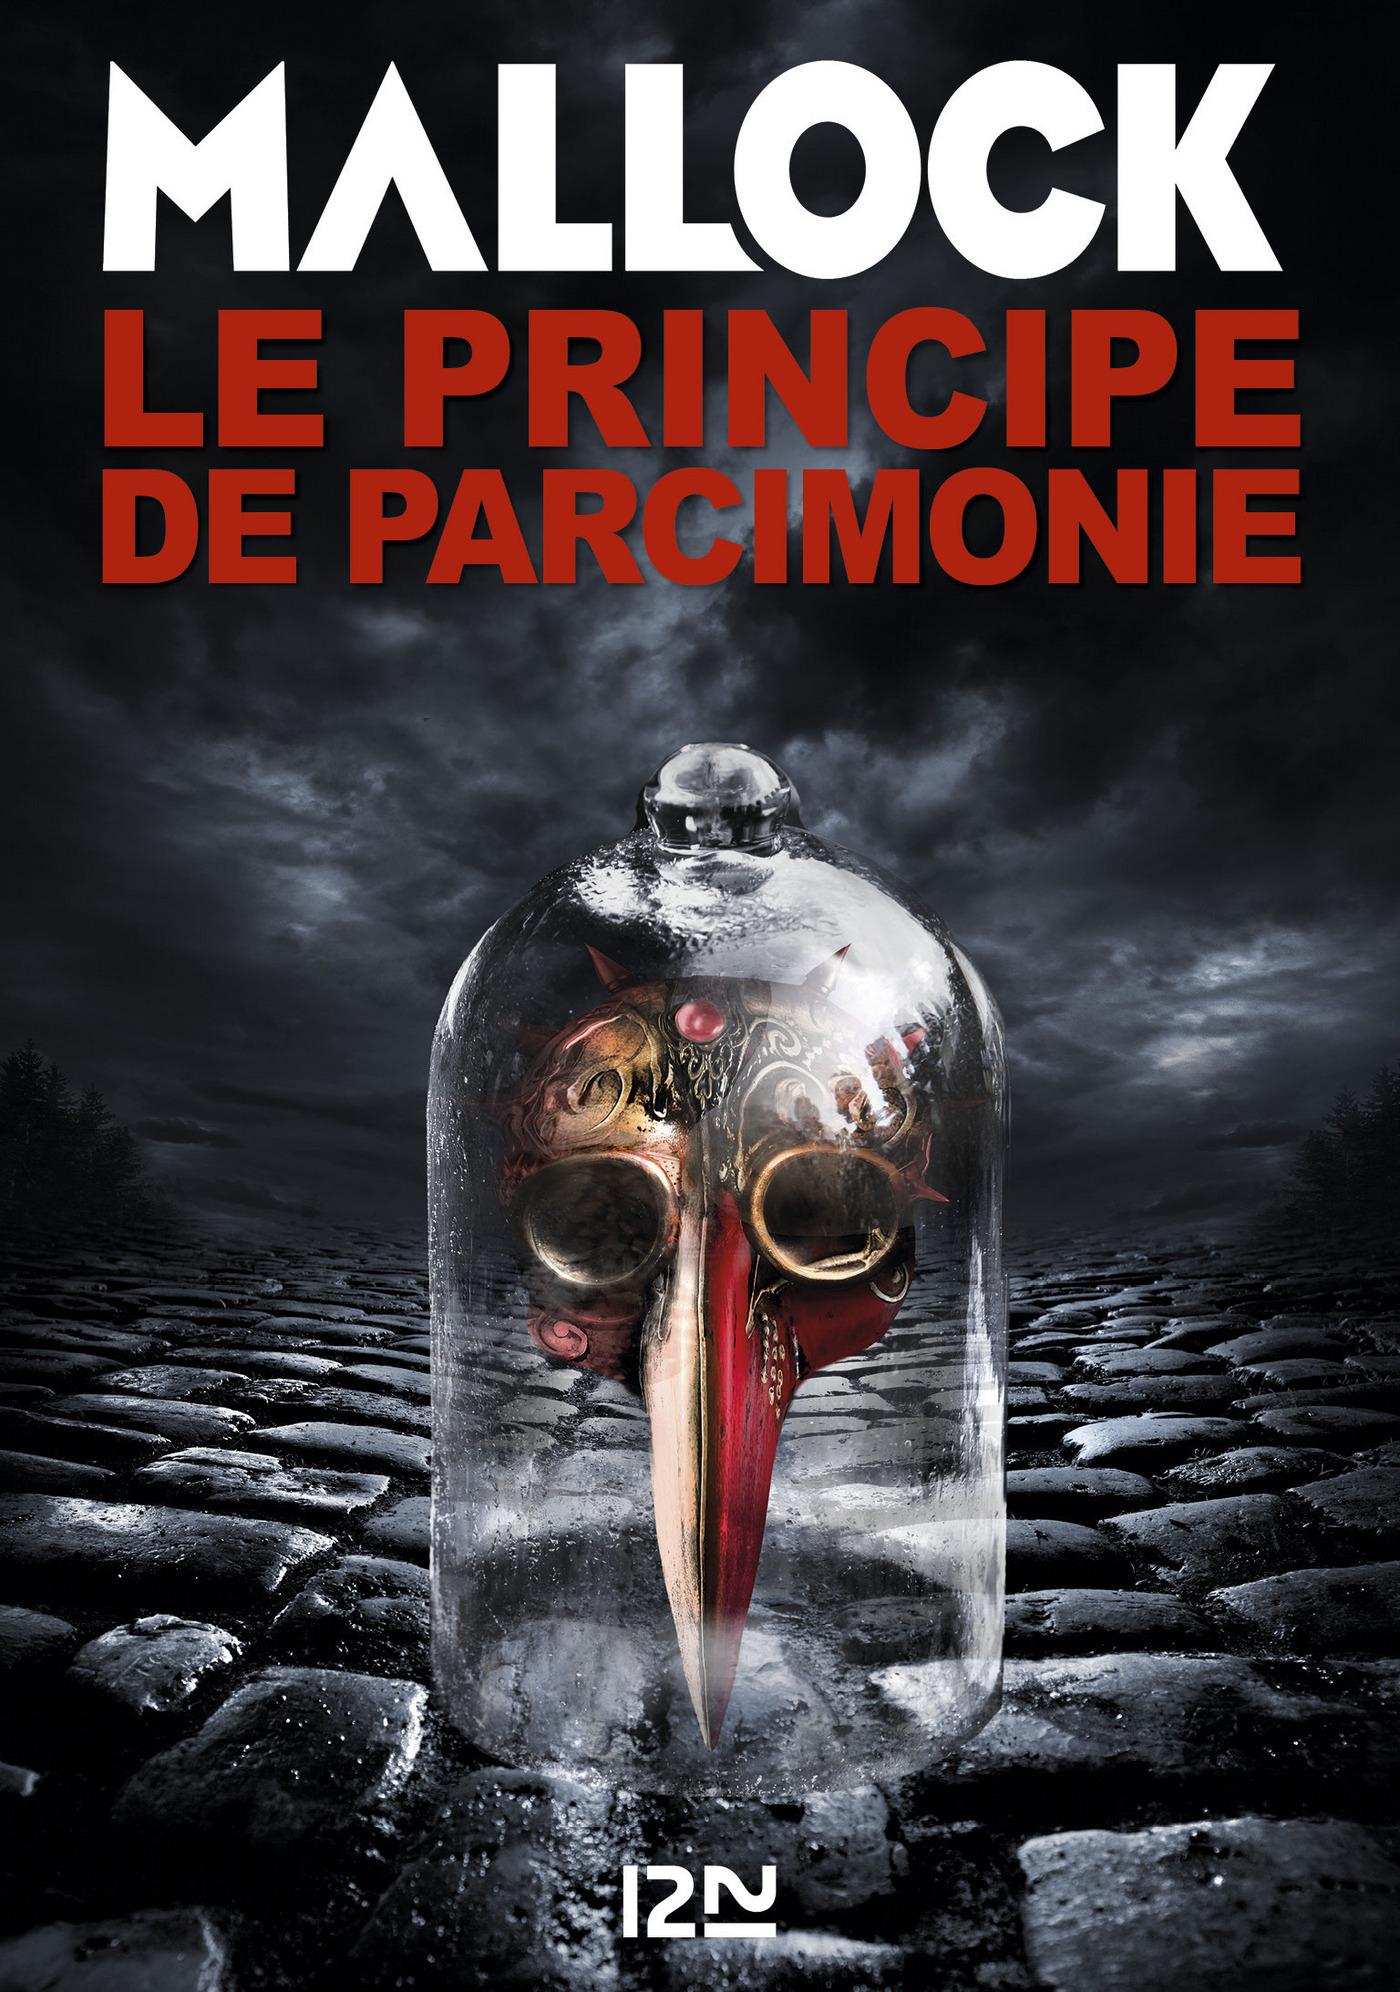 Le principe de parcimonie (ebook)